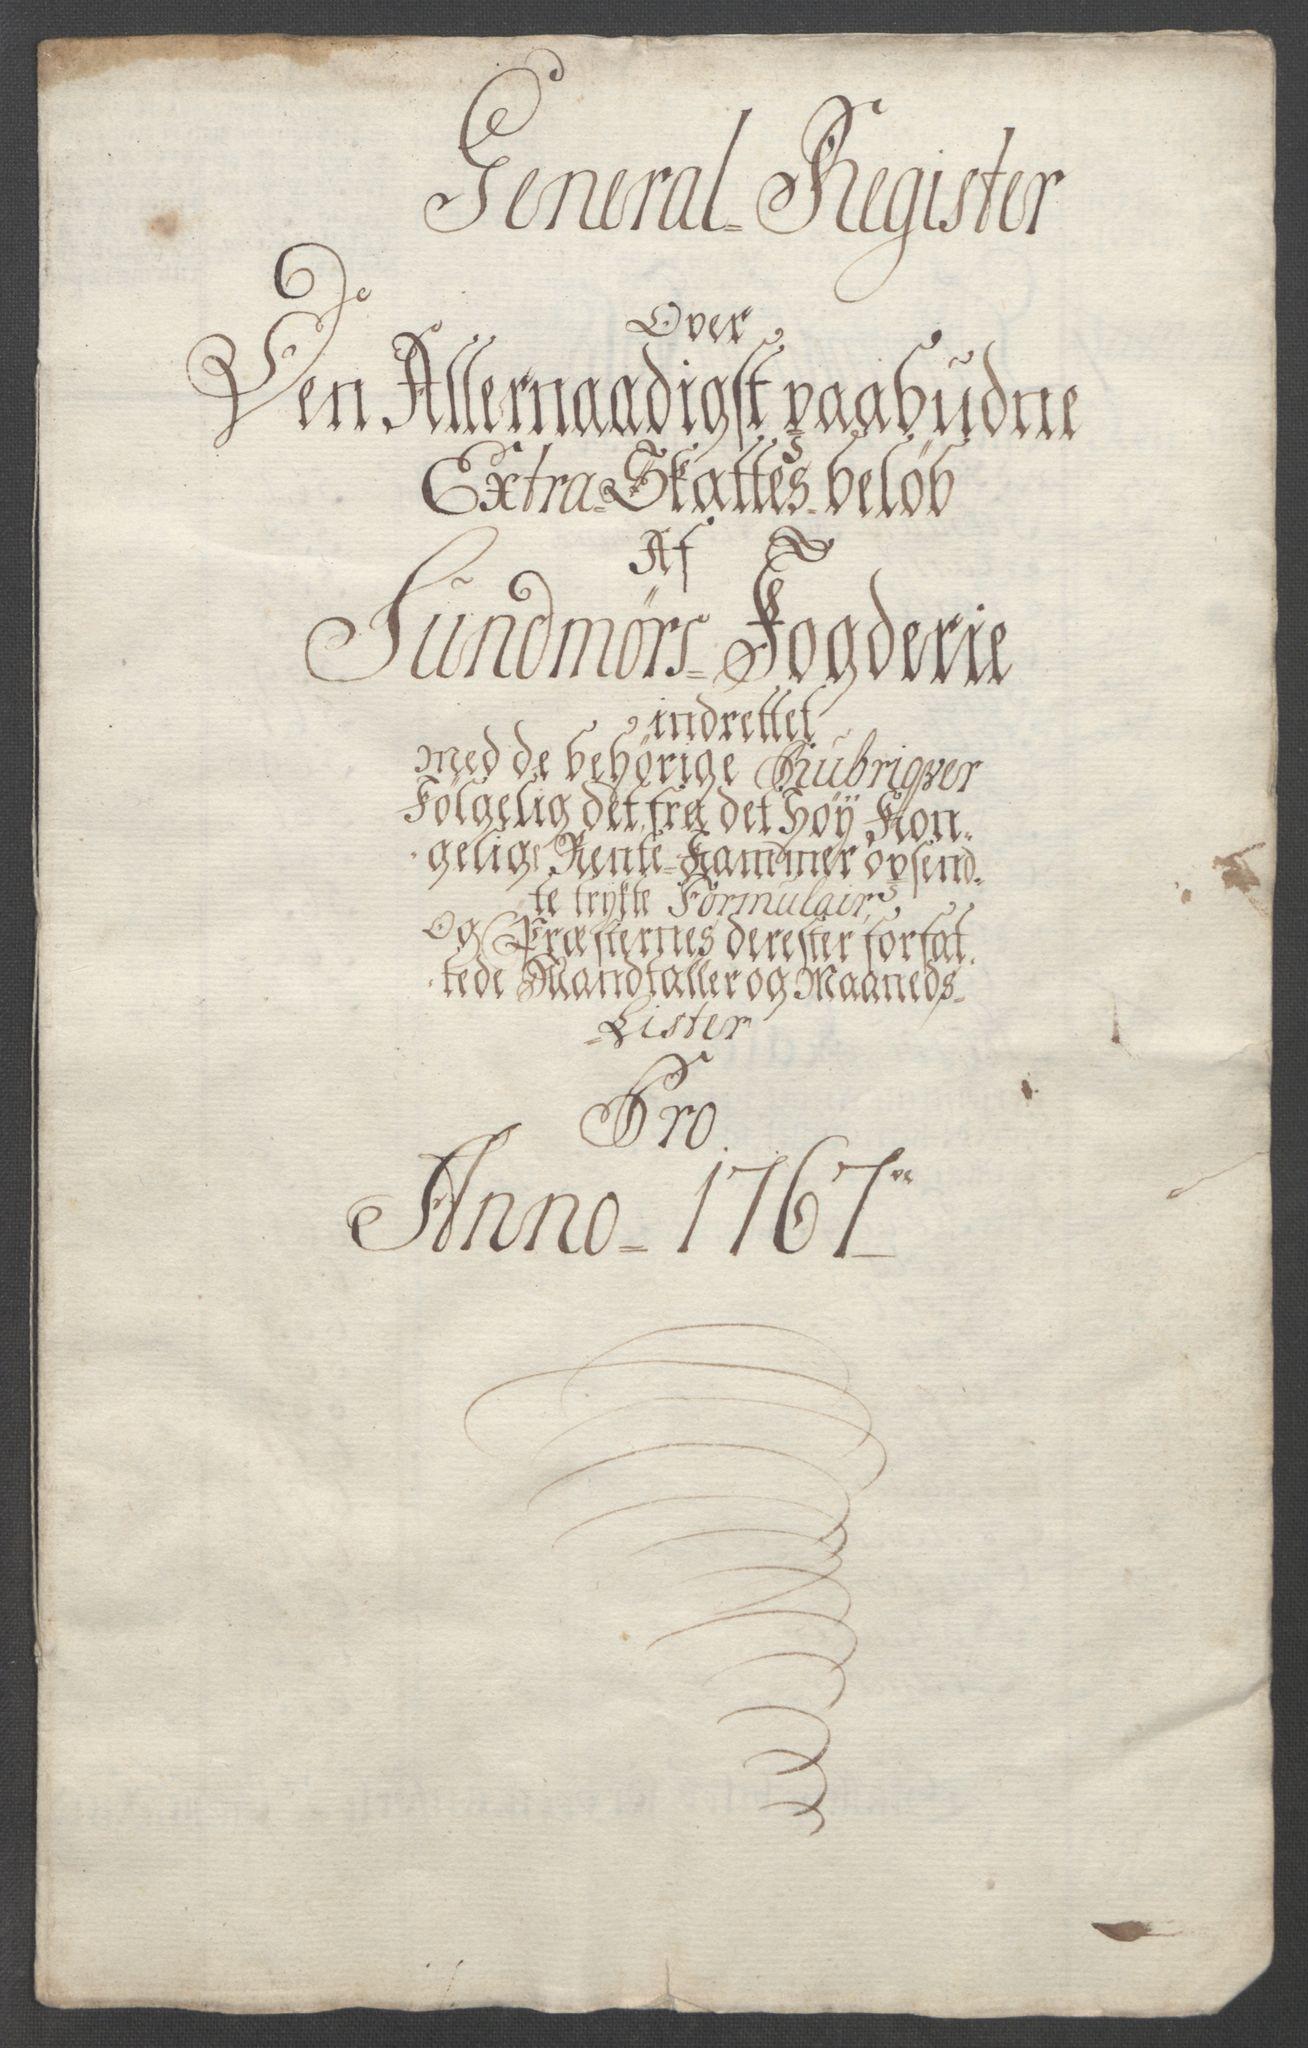 RA, Rentekammeret inntil 1814, Reviderte regnskaper, Fogderegnskap, R54/L3645: Ekstraskatten Sunnmøre, 1762-1772, s. 104